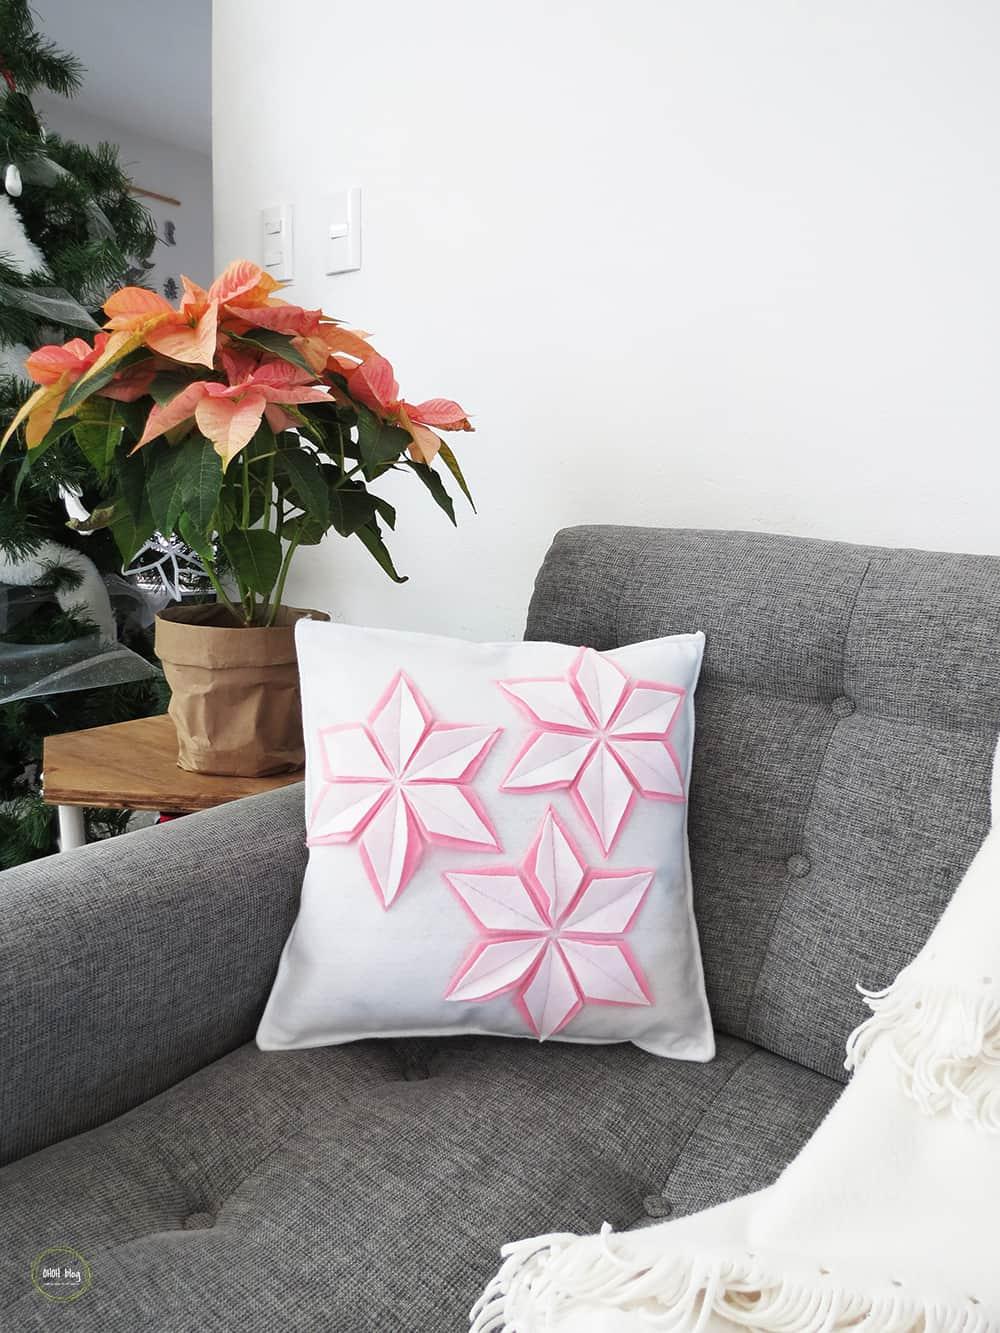 DIY felt christmas cushion in the couch